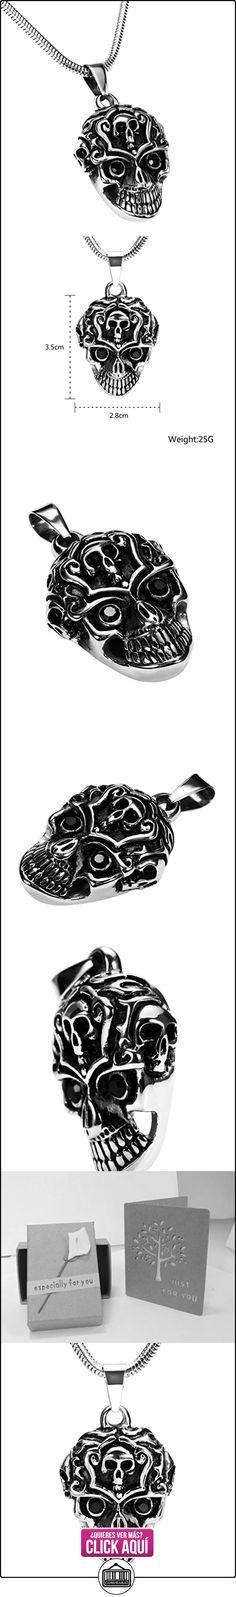 Daesar Joyería Collares de Hombre Acero Inoxidable Gótico Cráneo Calavera Negro Plata Colgantes Vintage 2.8X3.5cm  ✿ Joyas para niños - Regalos ✿ ▬► Ver oferta: https://comprar.io/goto/B01MTOS48S